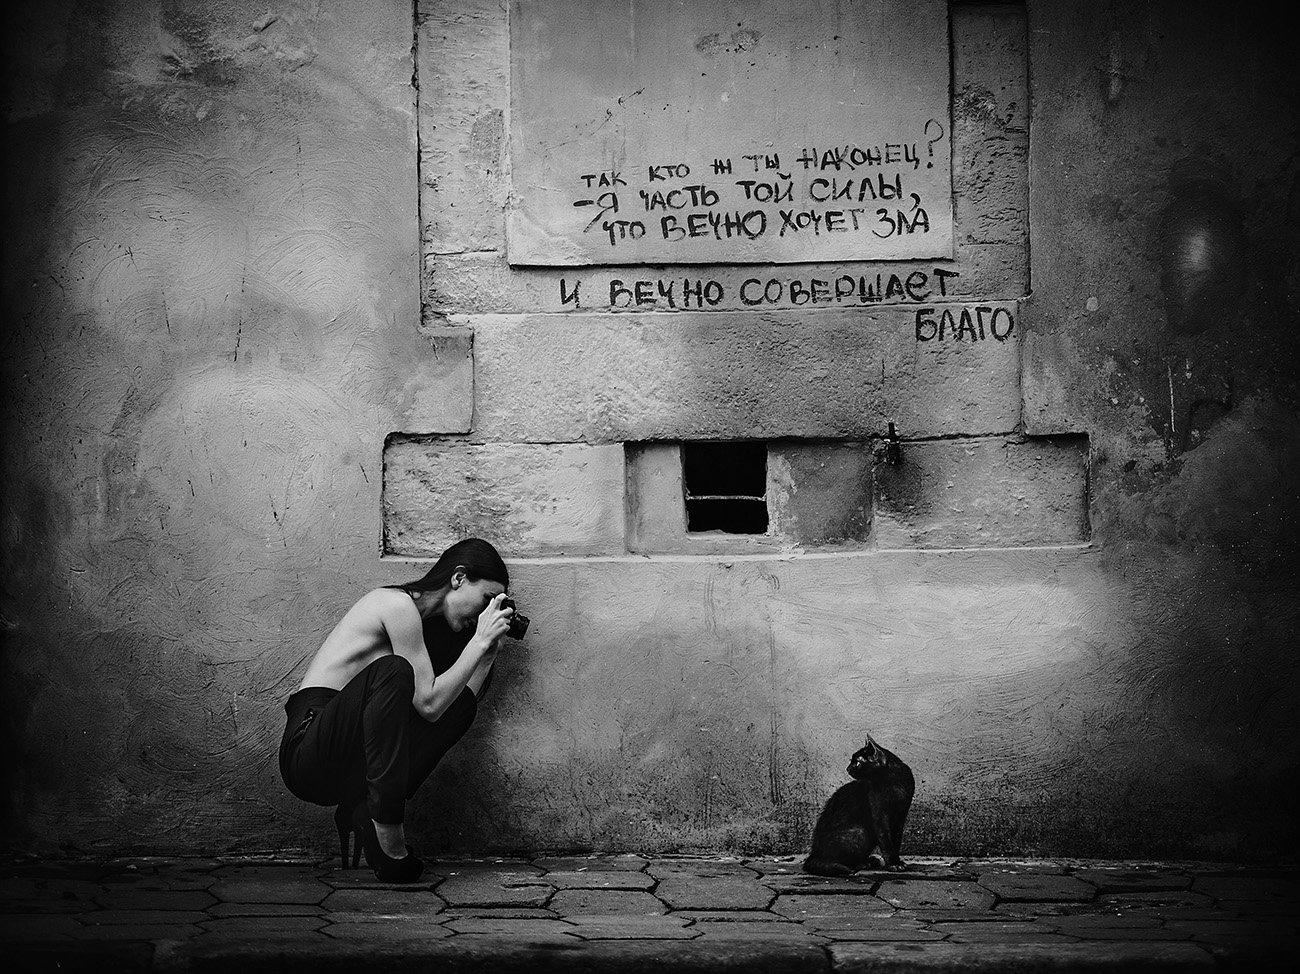 Жанр, Портрет, Старый город, Стрит фото, Фотограф.аркадий курта, Чёрные кошки, Юмор, Аркадий Курта